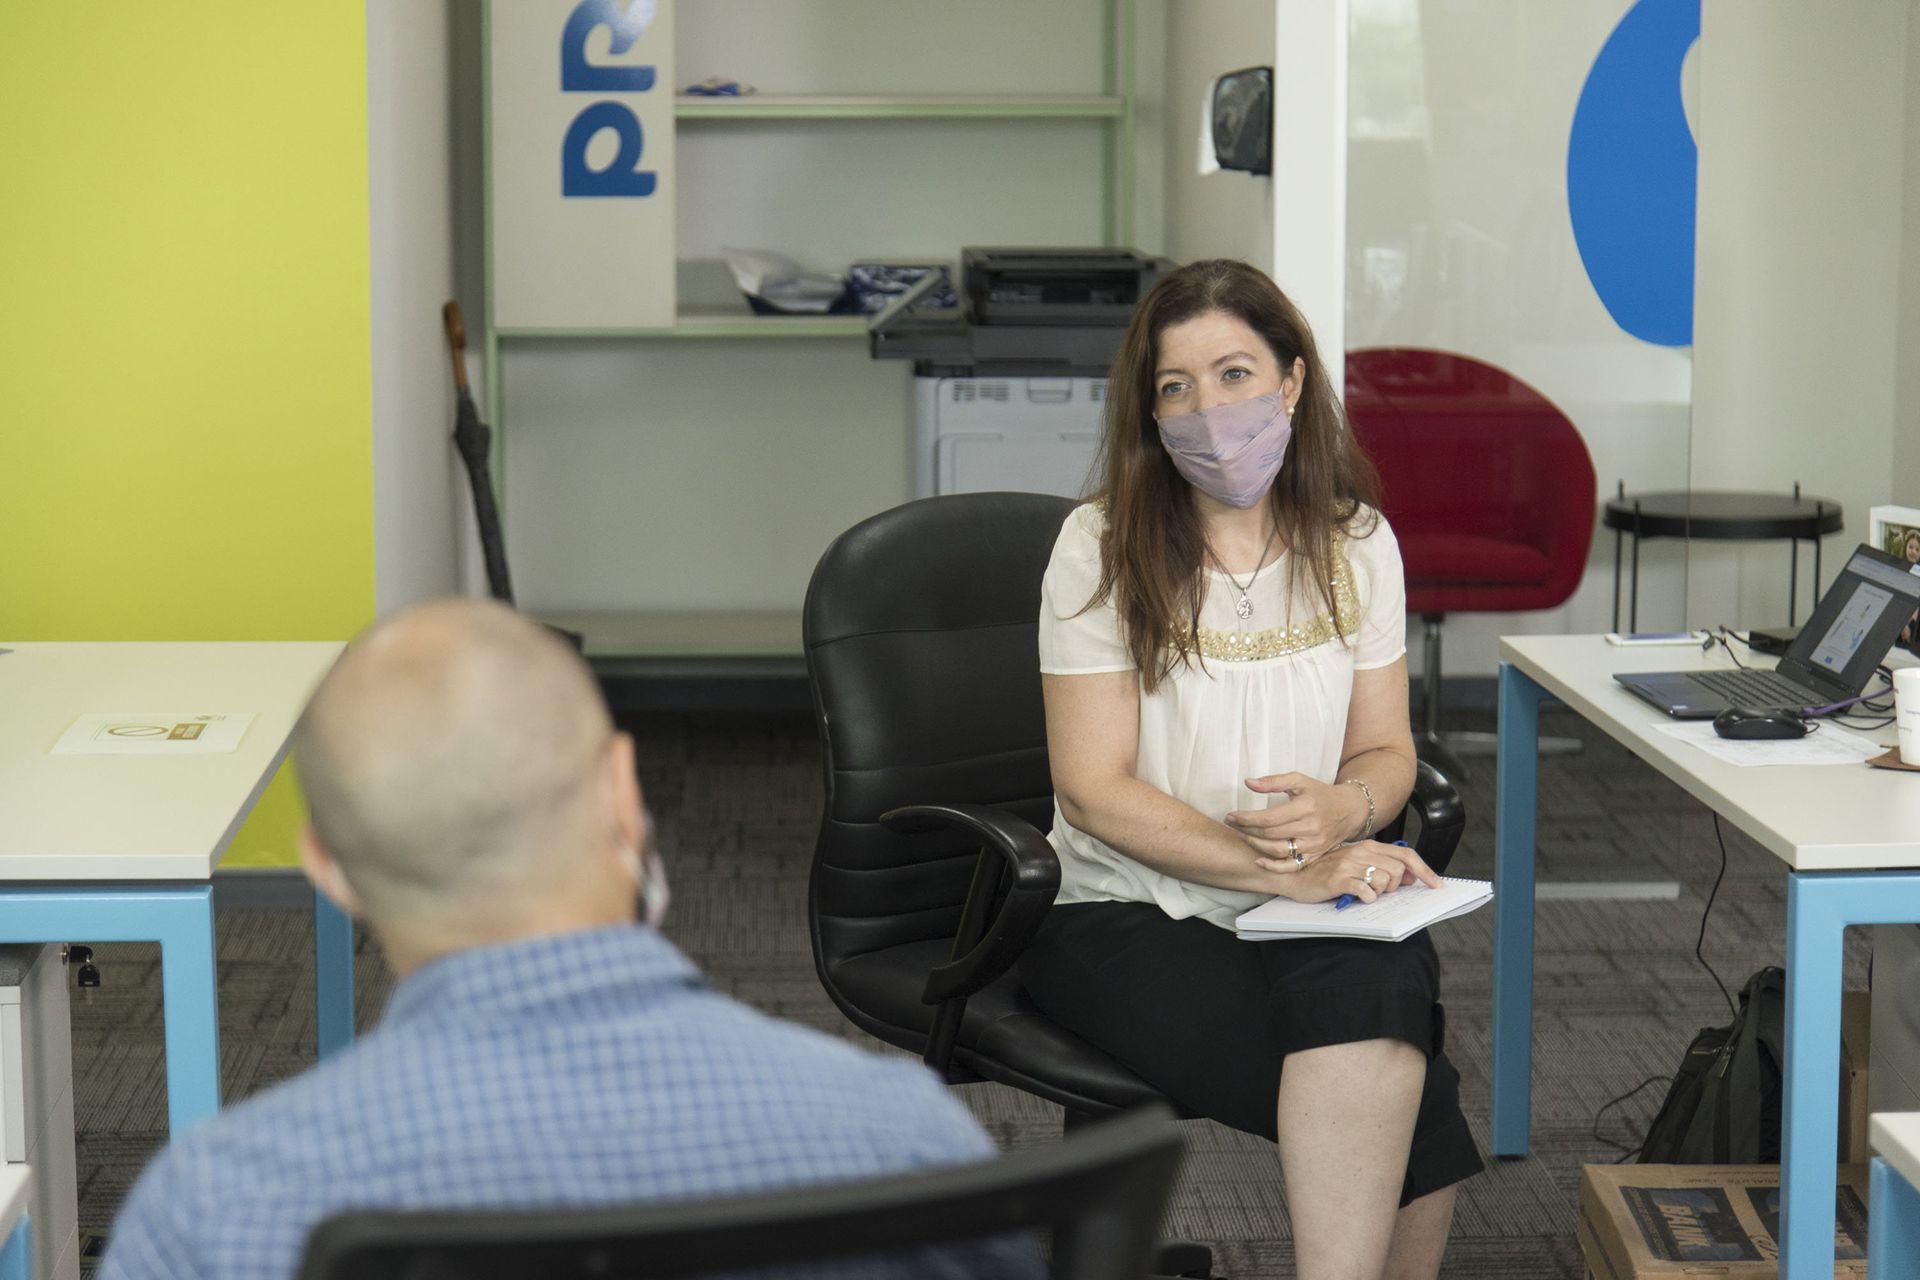 María Laura de la Fuente divide sus horas de trabajo en la compañía alemana Merck entre la oficina y el hogar, con un esquema muy organizado por la empresa